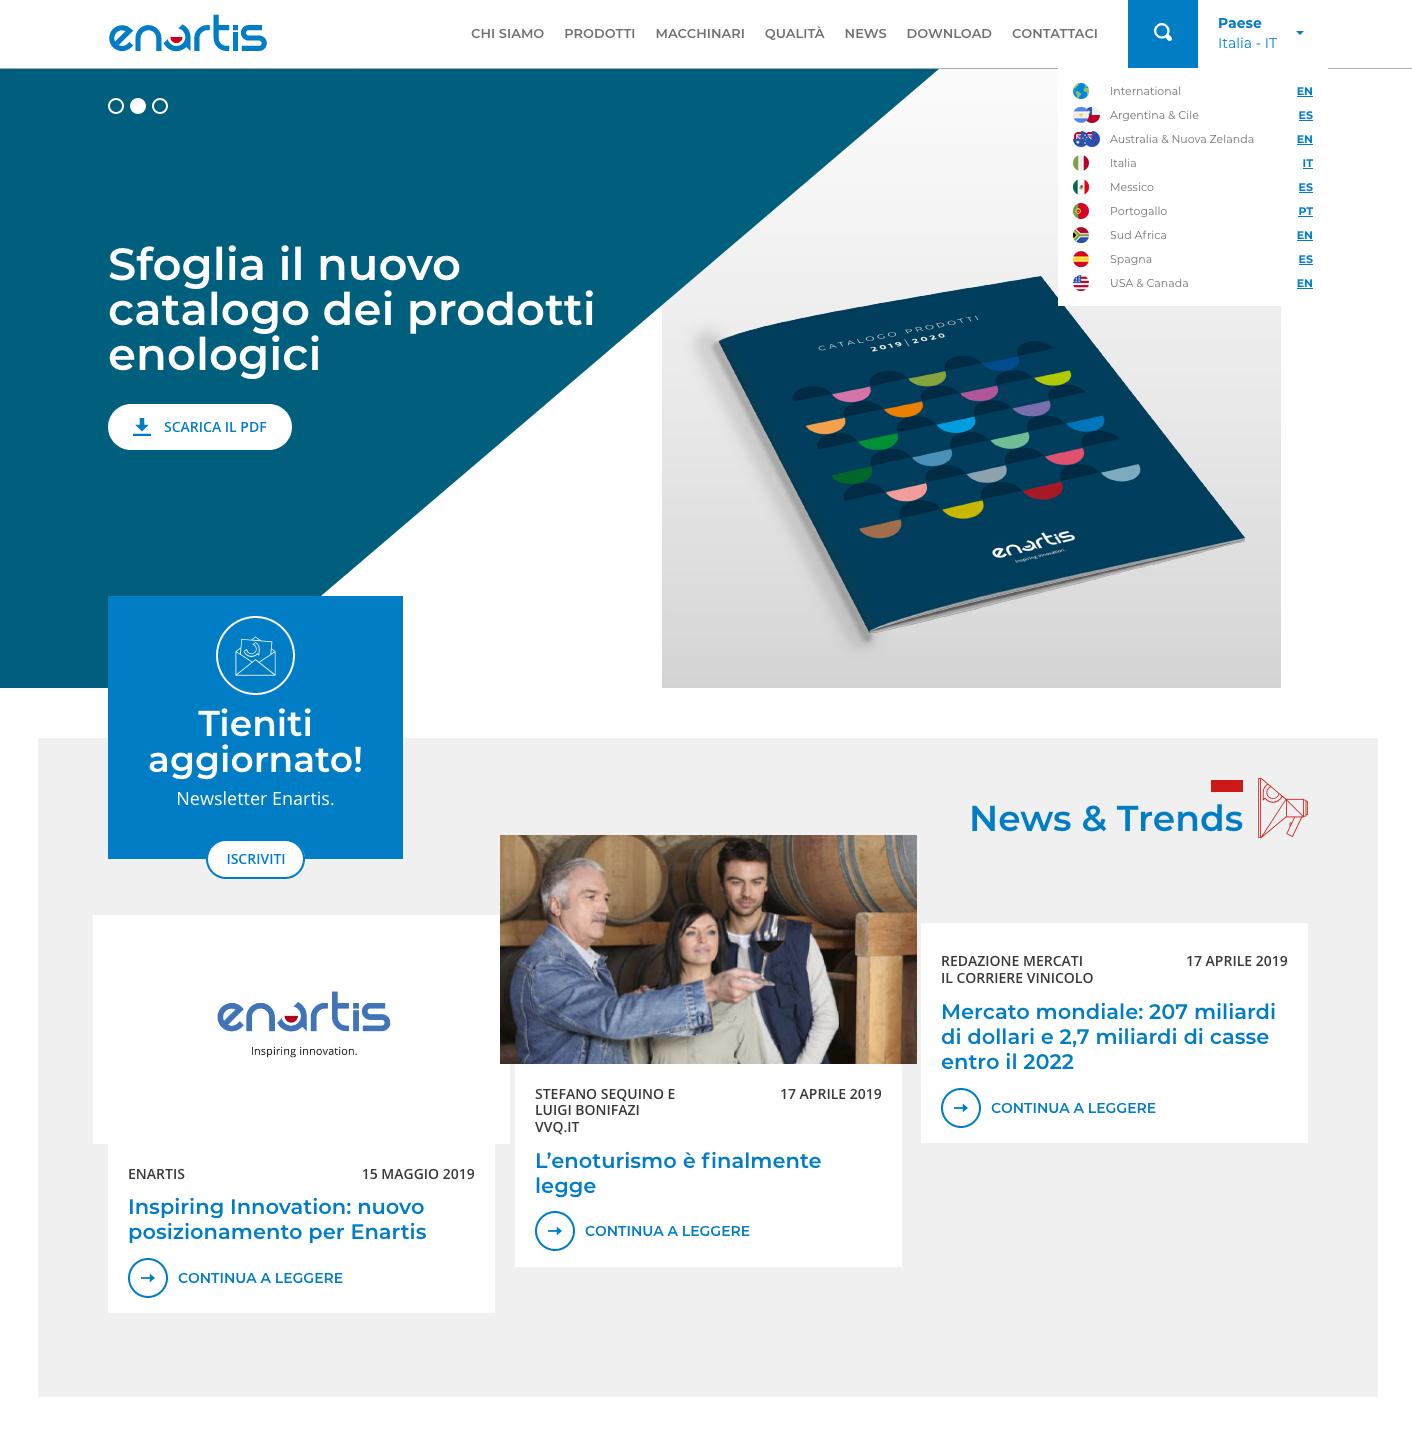 La Nuova Home Page Del Sito Enartis Realizzato Da Dual